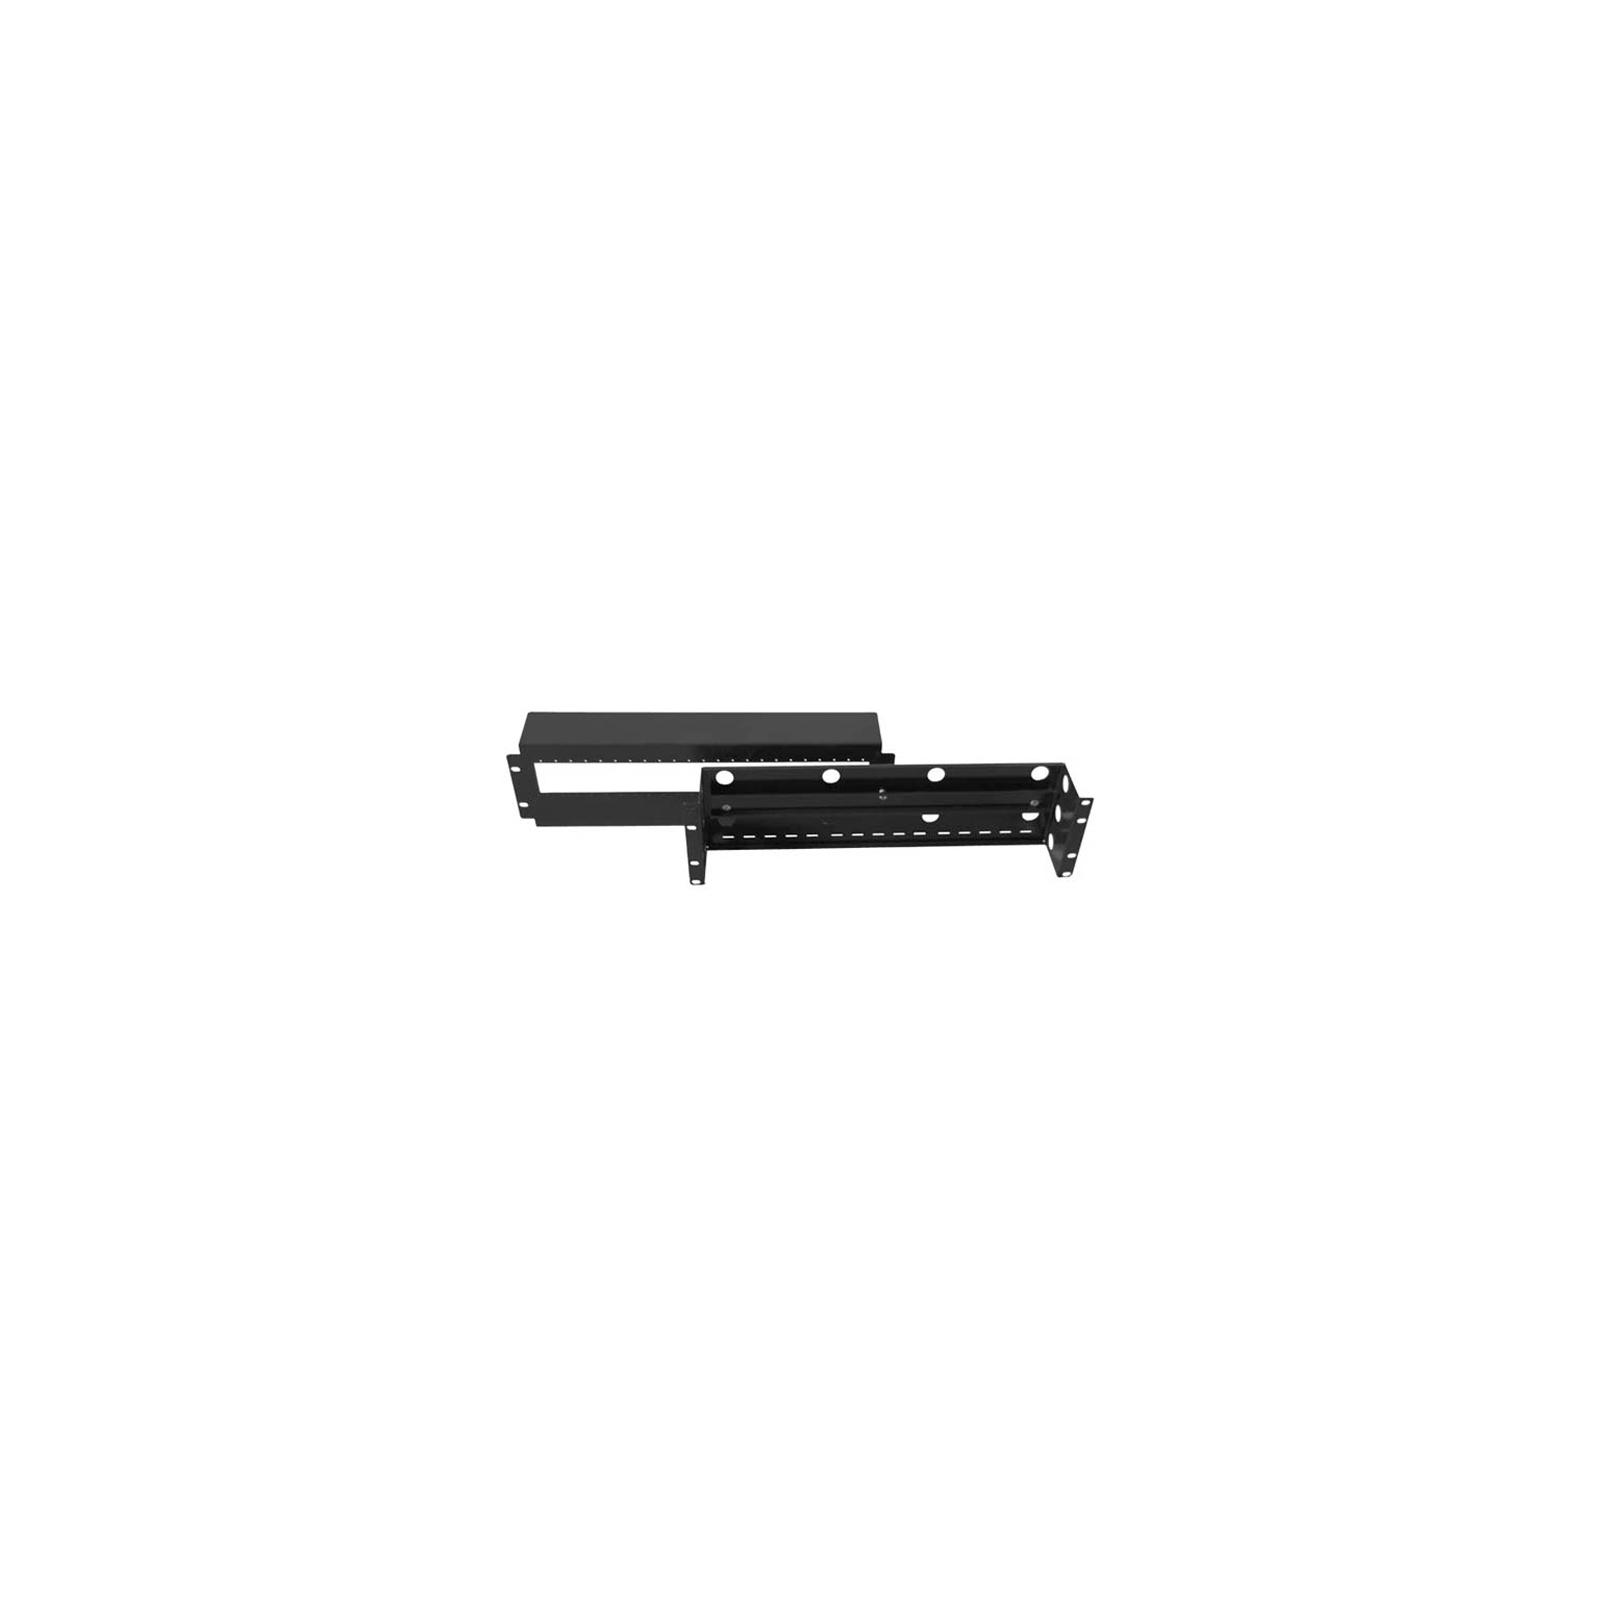 Патч-панель Eserver 3U с DIN-рейкой (40043)